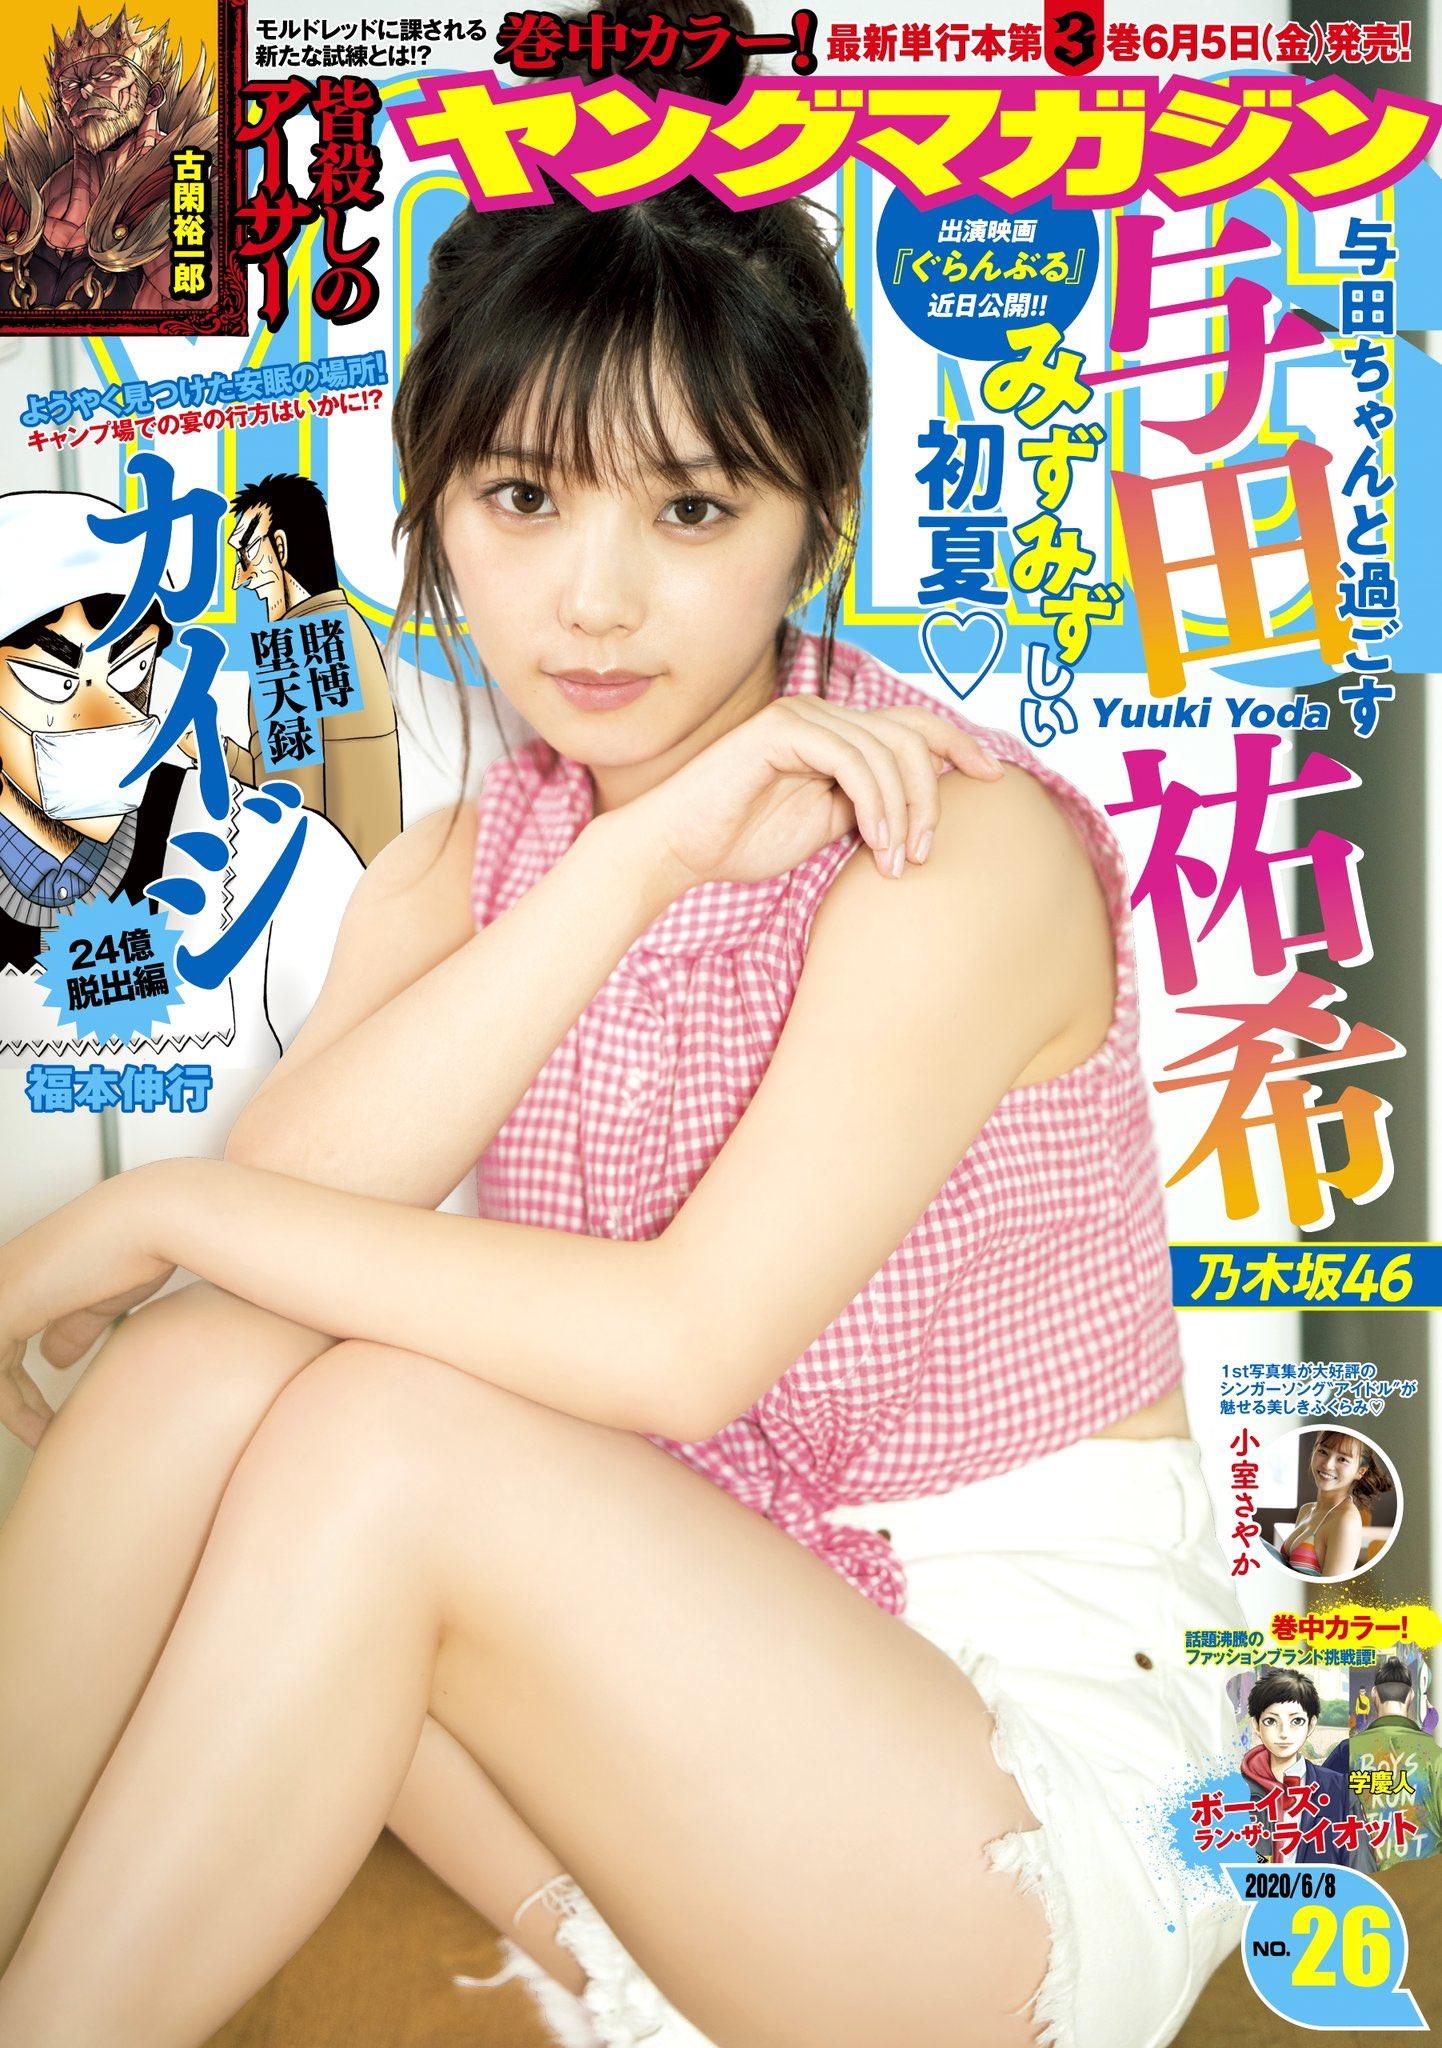 ヤングマガジン 2020年06月08日号  26号 乃木坂46 与田祐希